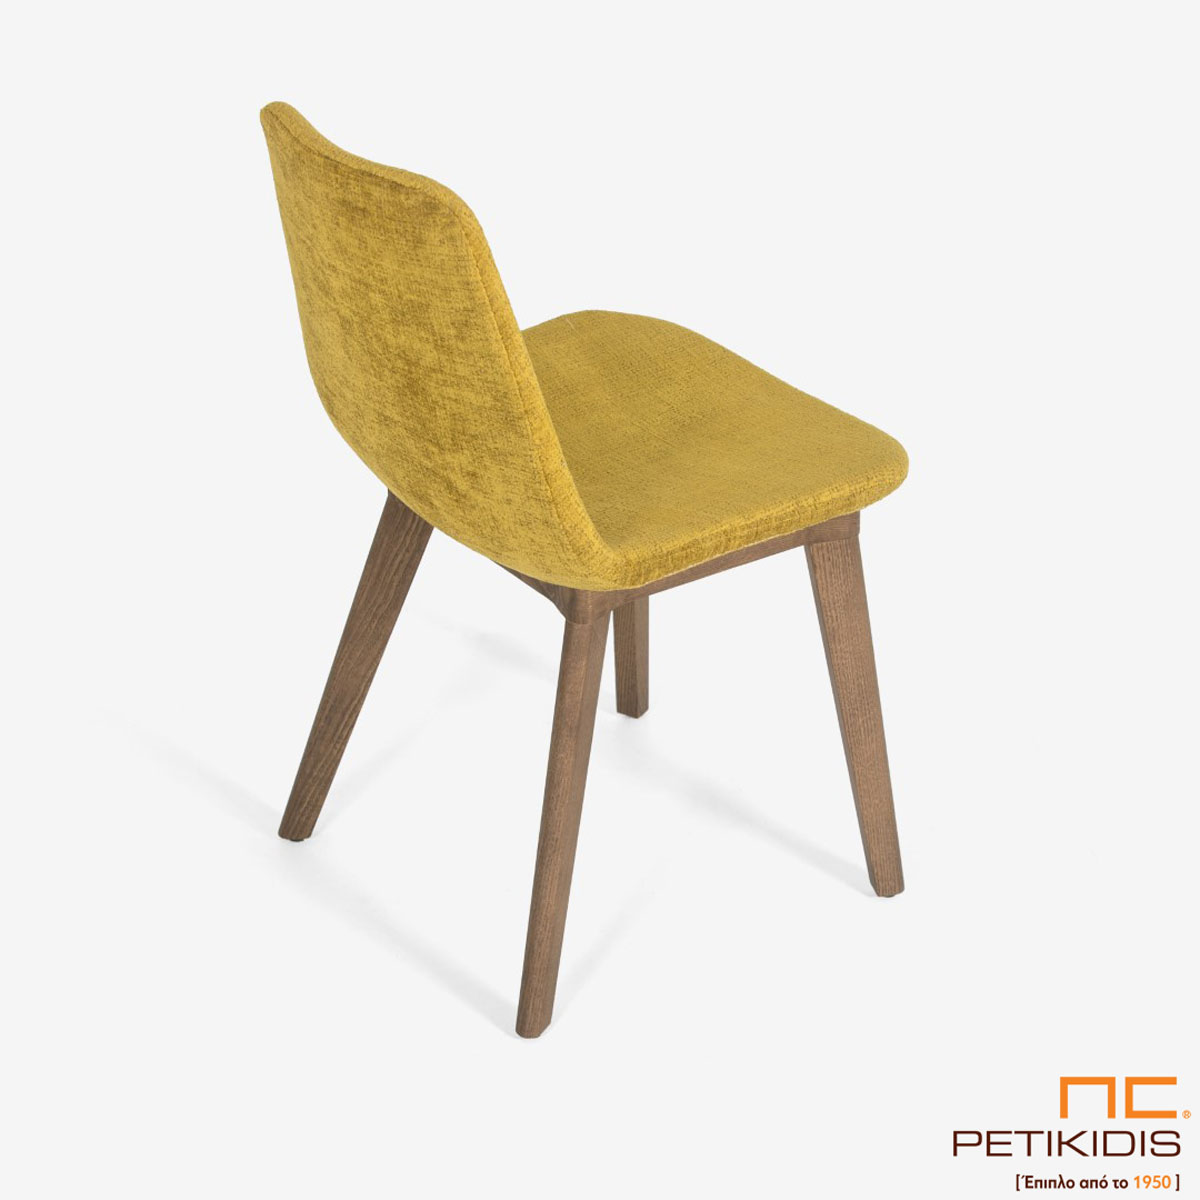 Καρέκλα Pilla A92 με μασίφ ξύλινη βάση και ύφασμα σε κίτρινο χρώμα αδιάβροχο και αλέκιαστο. Λεπτομέρεια.